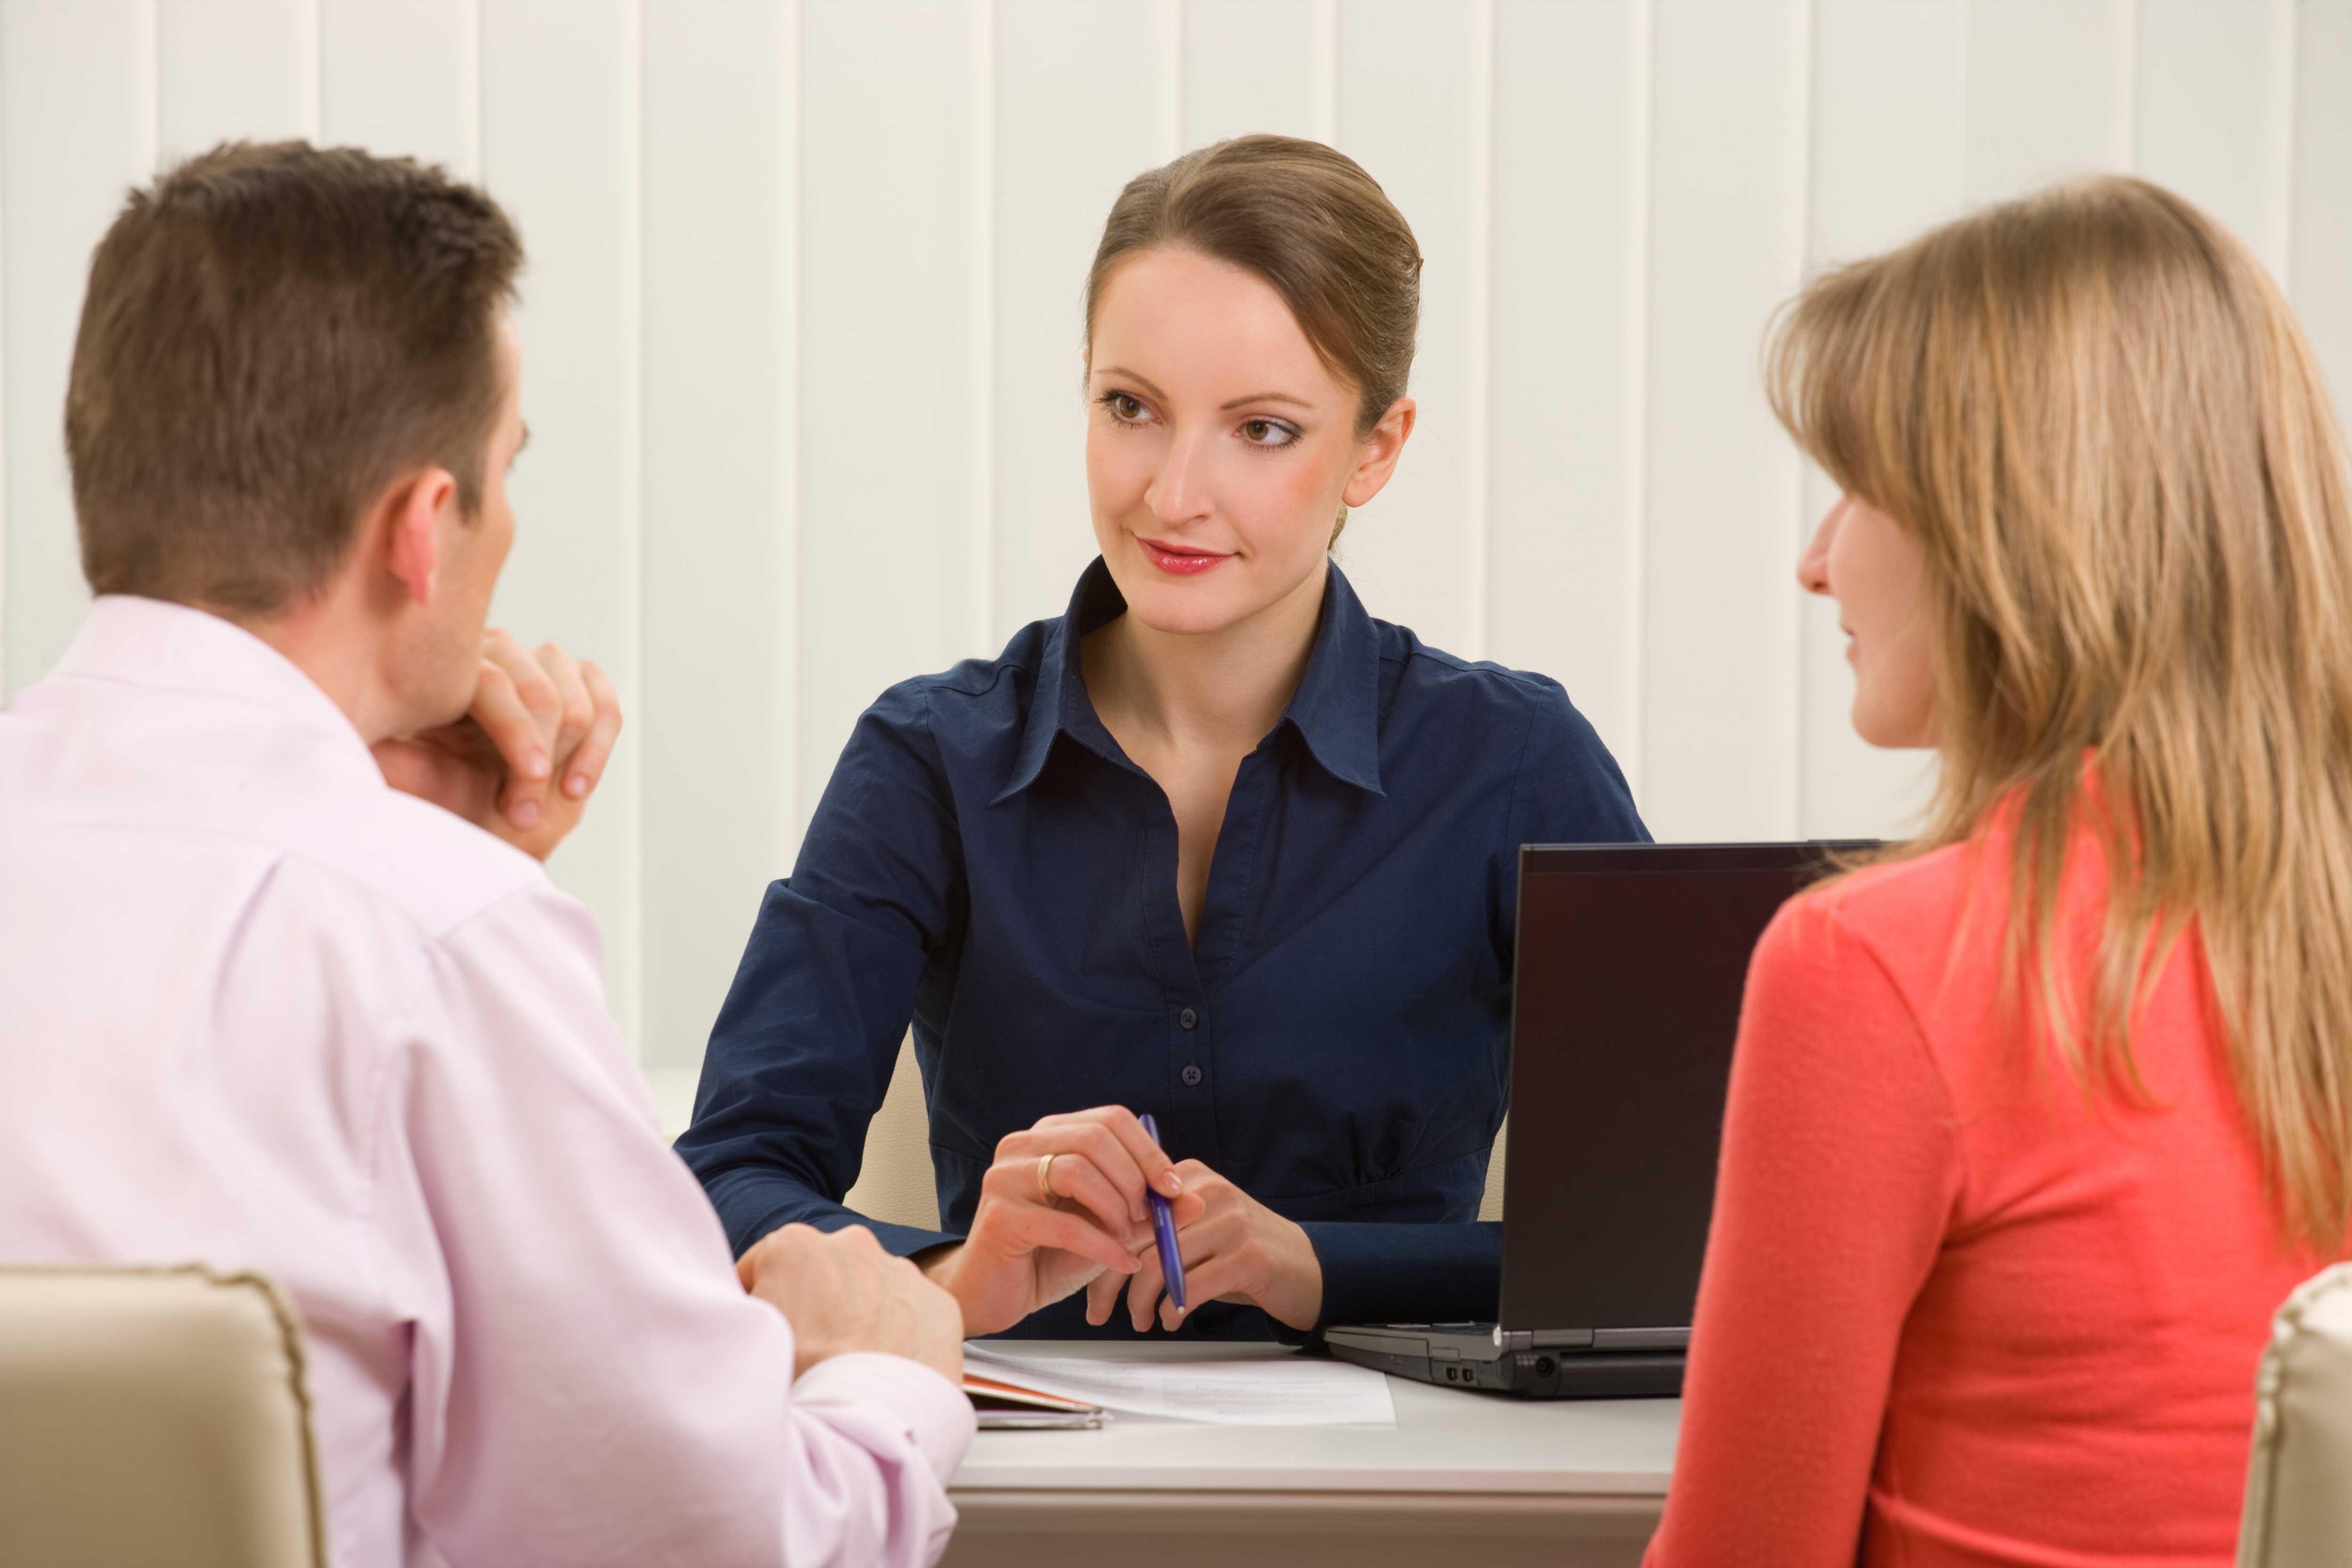 Нужно ли заверять у нотариуса соглашение о разделе имущества супругов